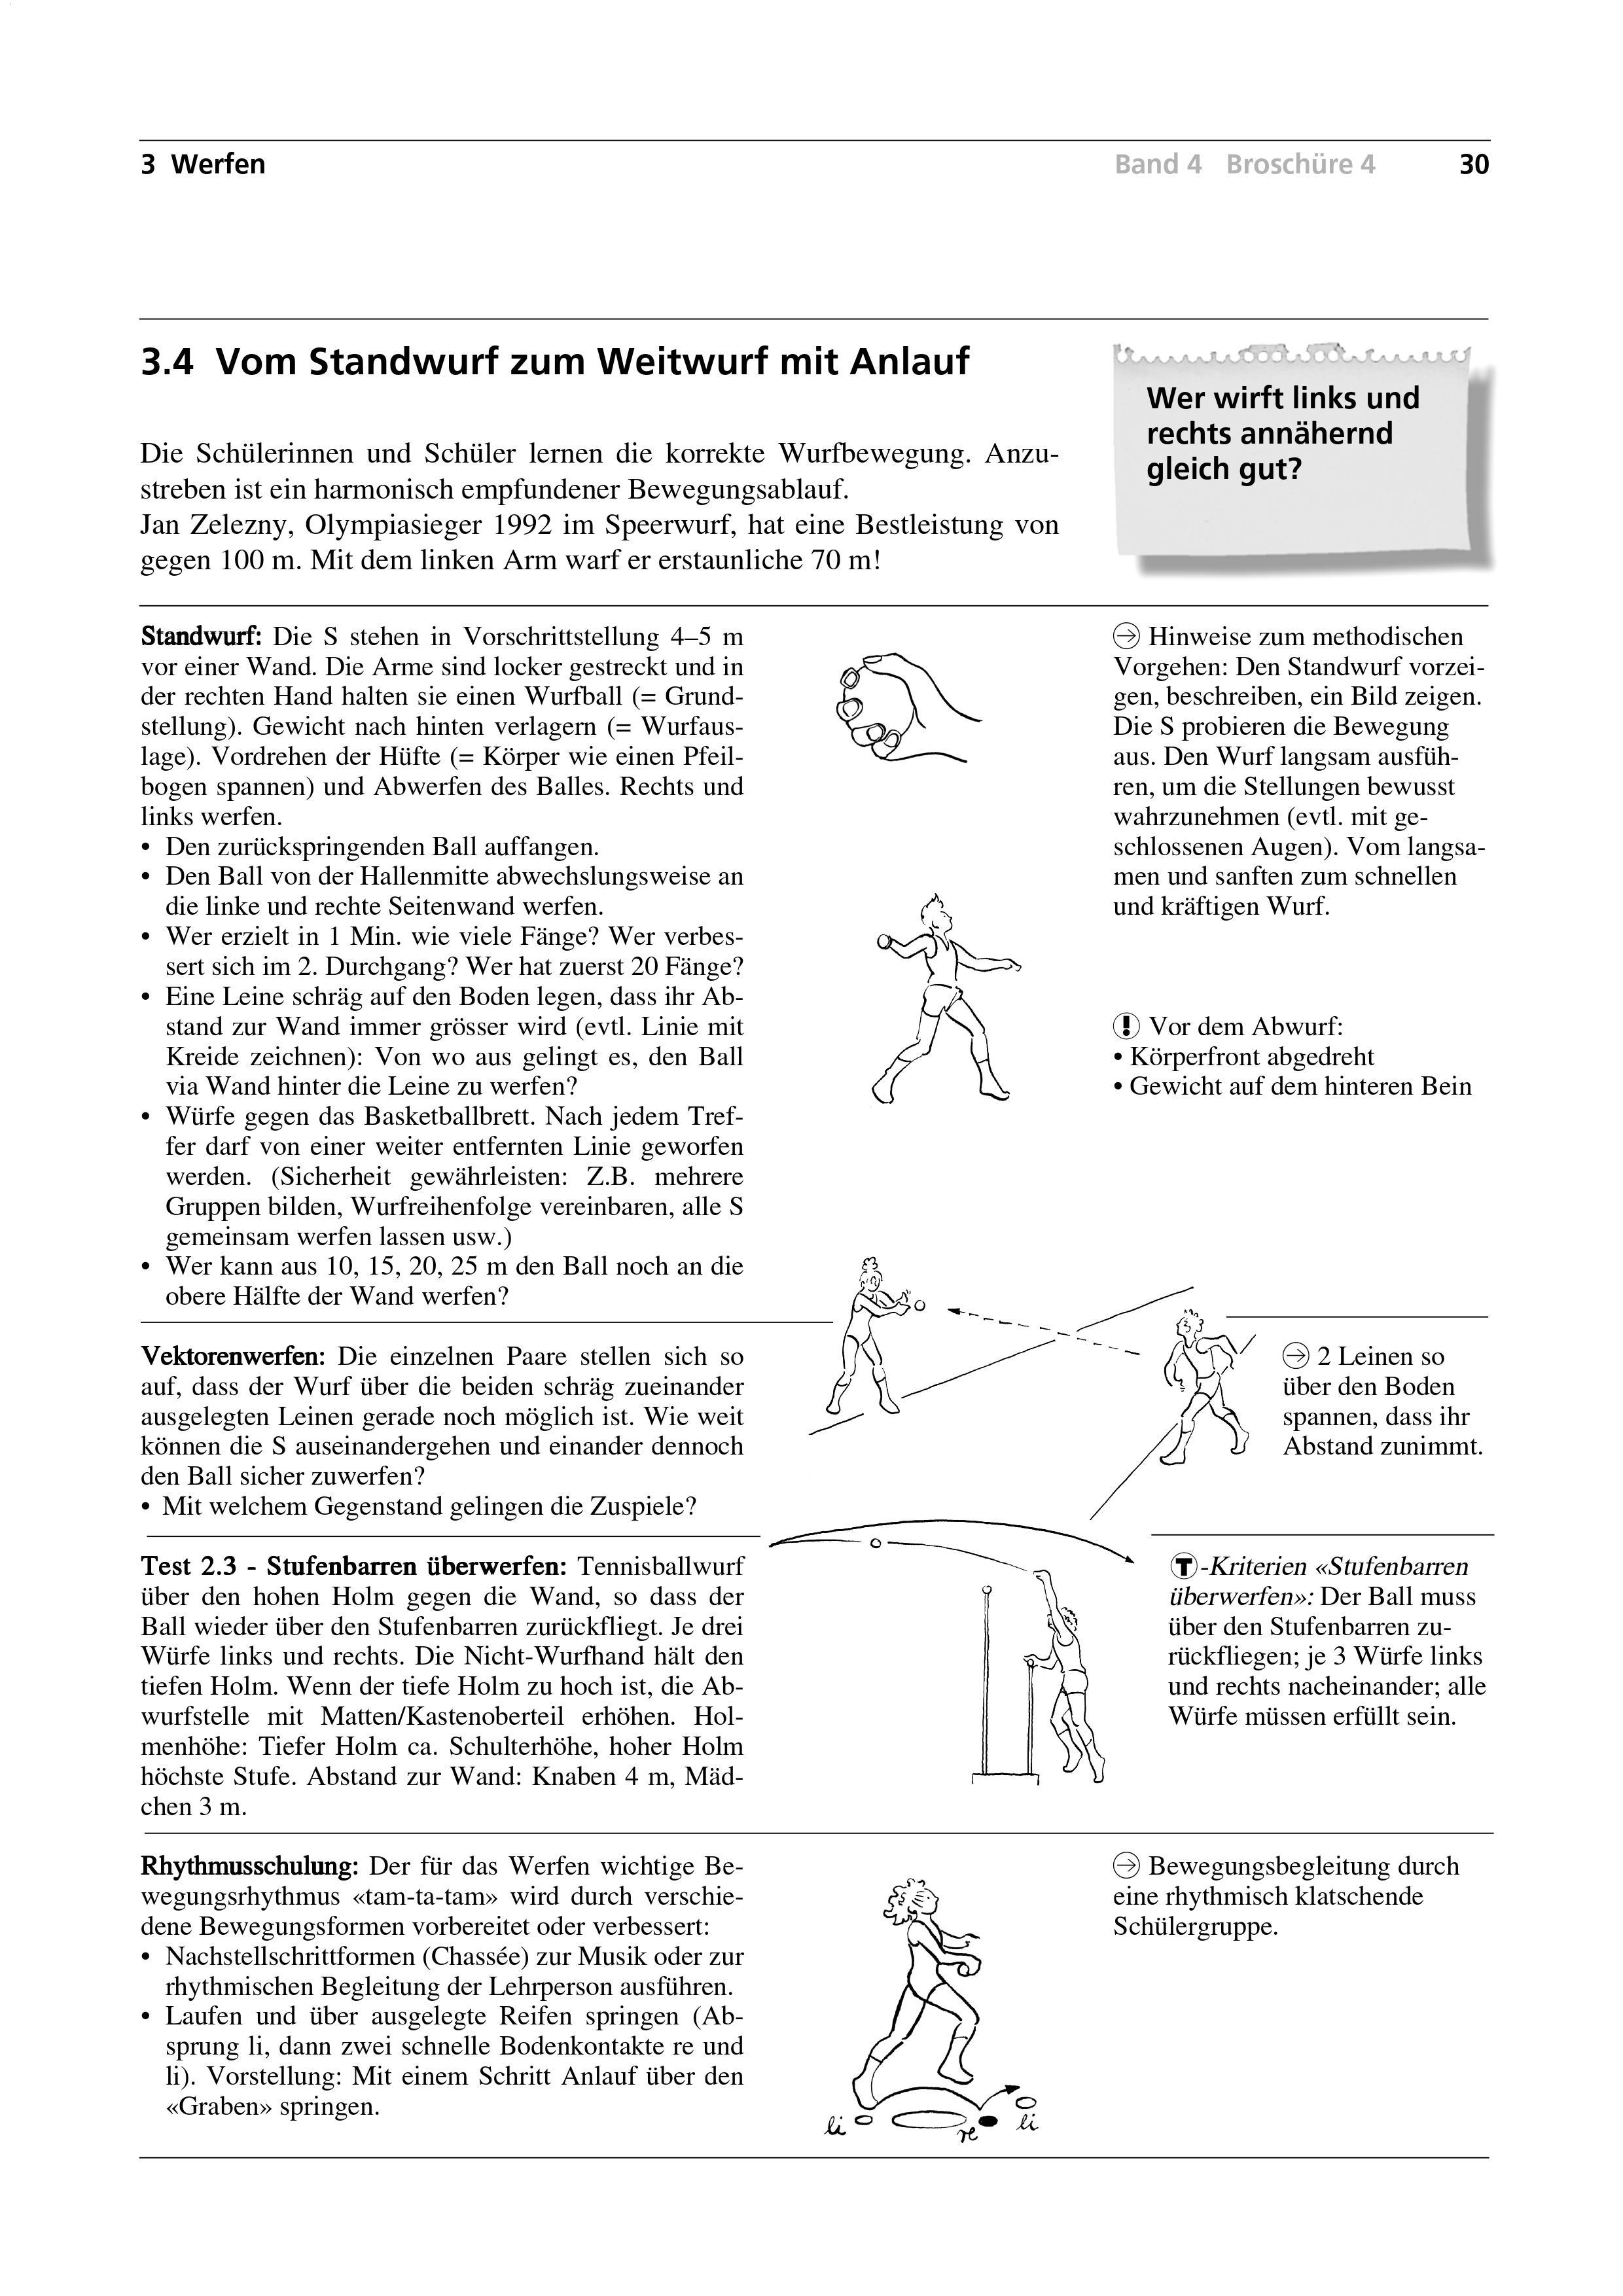 Preview image for LOM object Vom Standwurf zum Weitwurf mit Anlauf